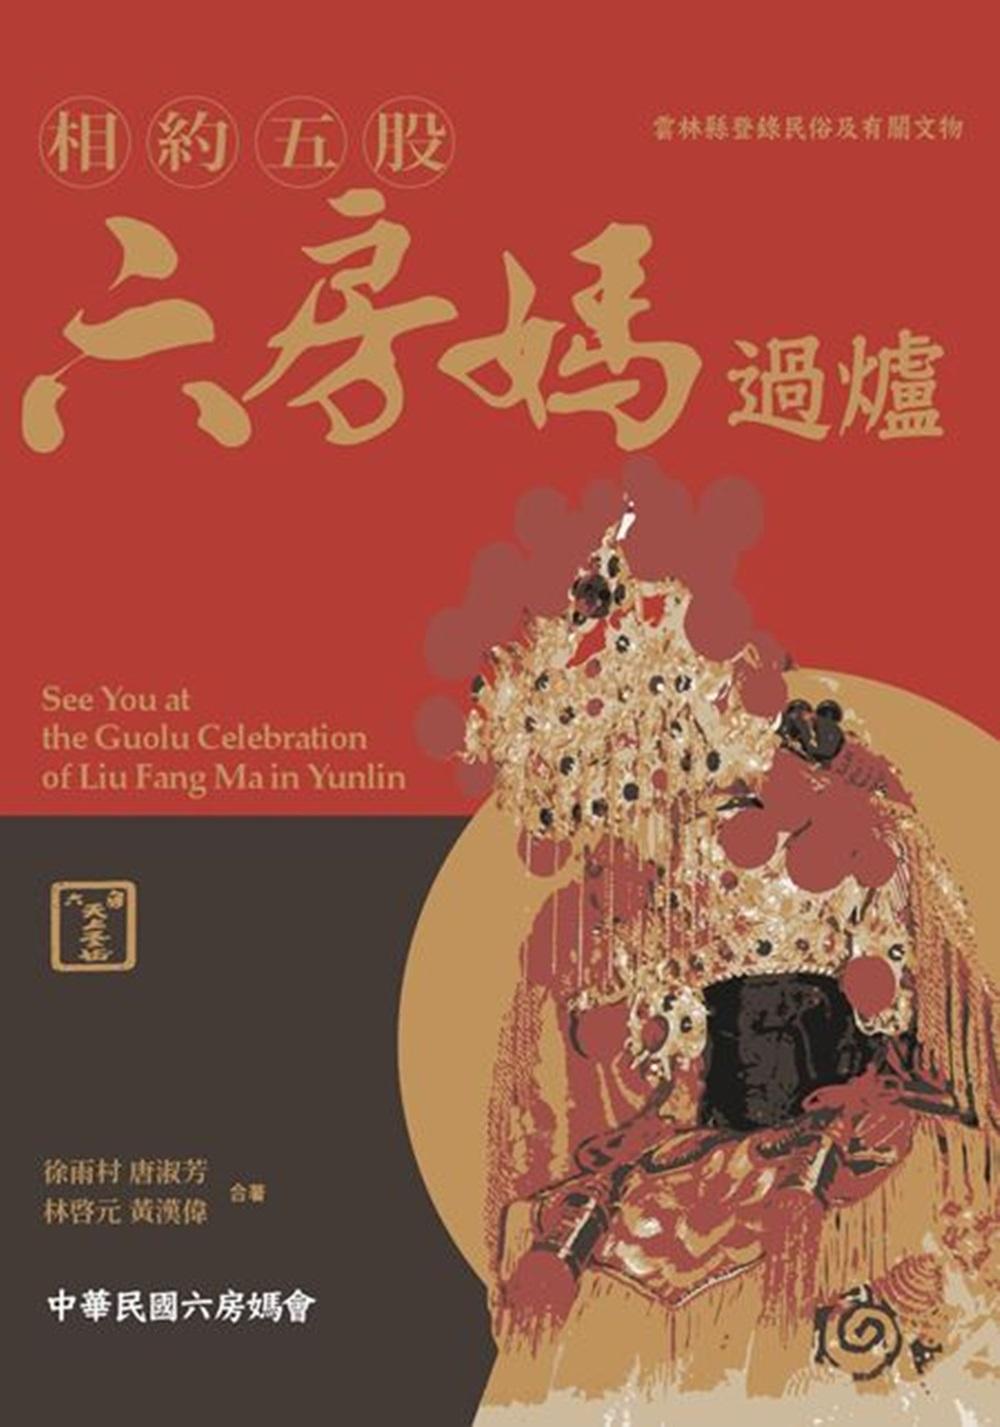 //im2.book.com.tw/image/getImage?i=http://www.books.com.tw/img/001/070/75/0010707578_bc_01.jpg&v=56caffb3&w=655&h=609